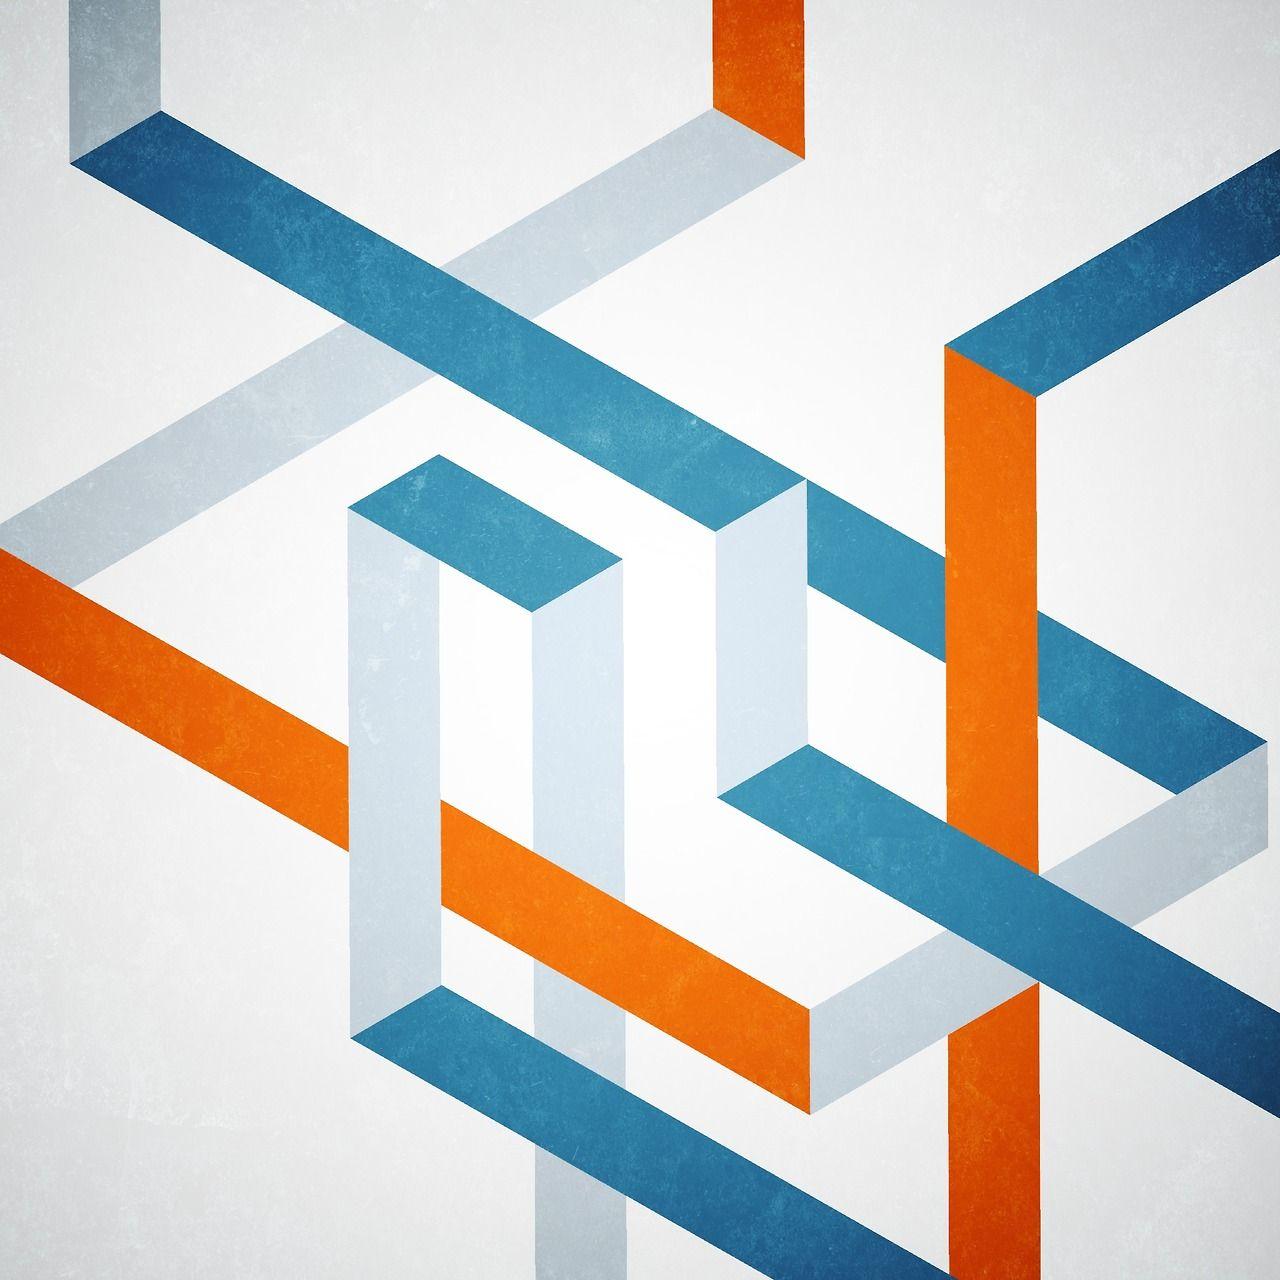 Isometric låter dig skapa illusioner